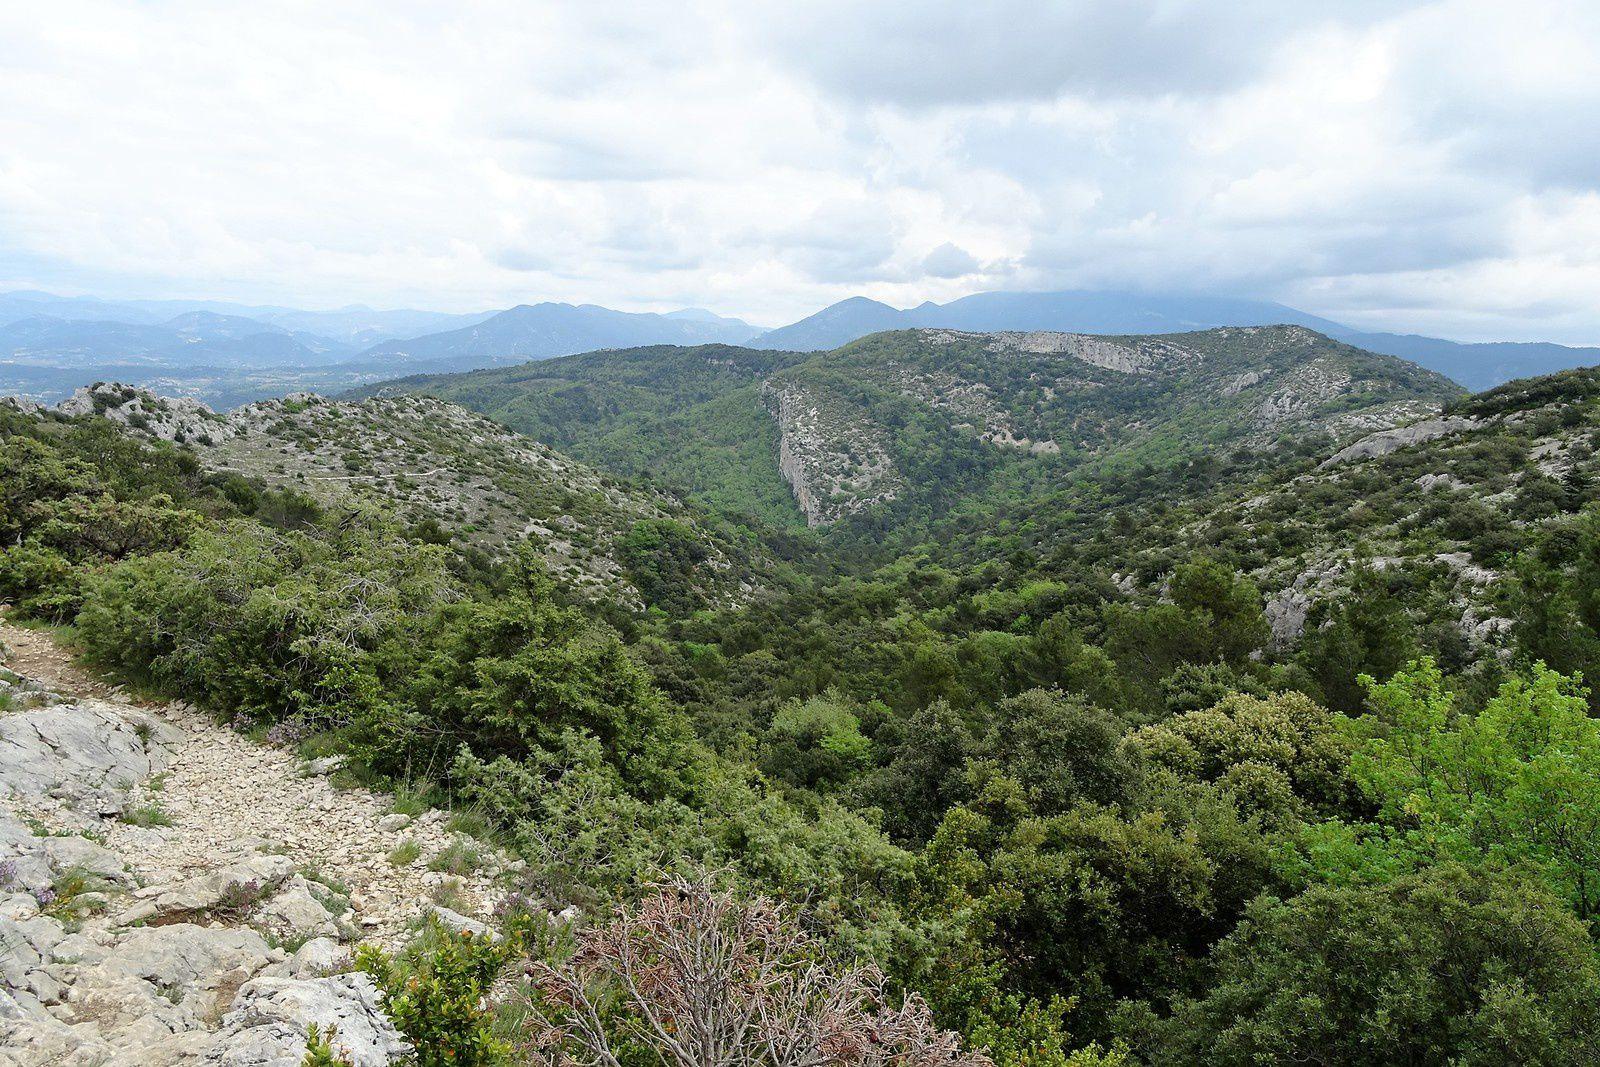 Vue magnifique sur les monts du Vaucluse.